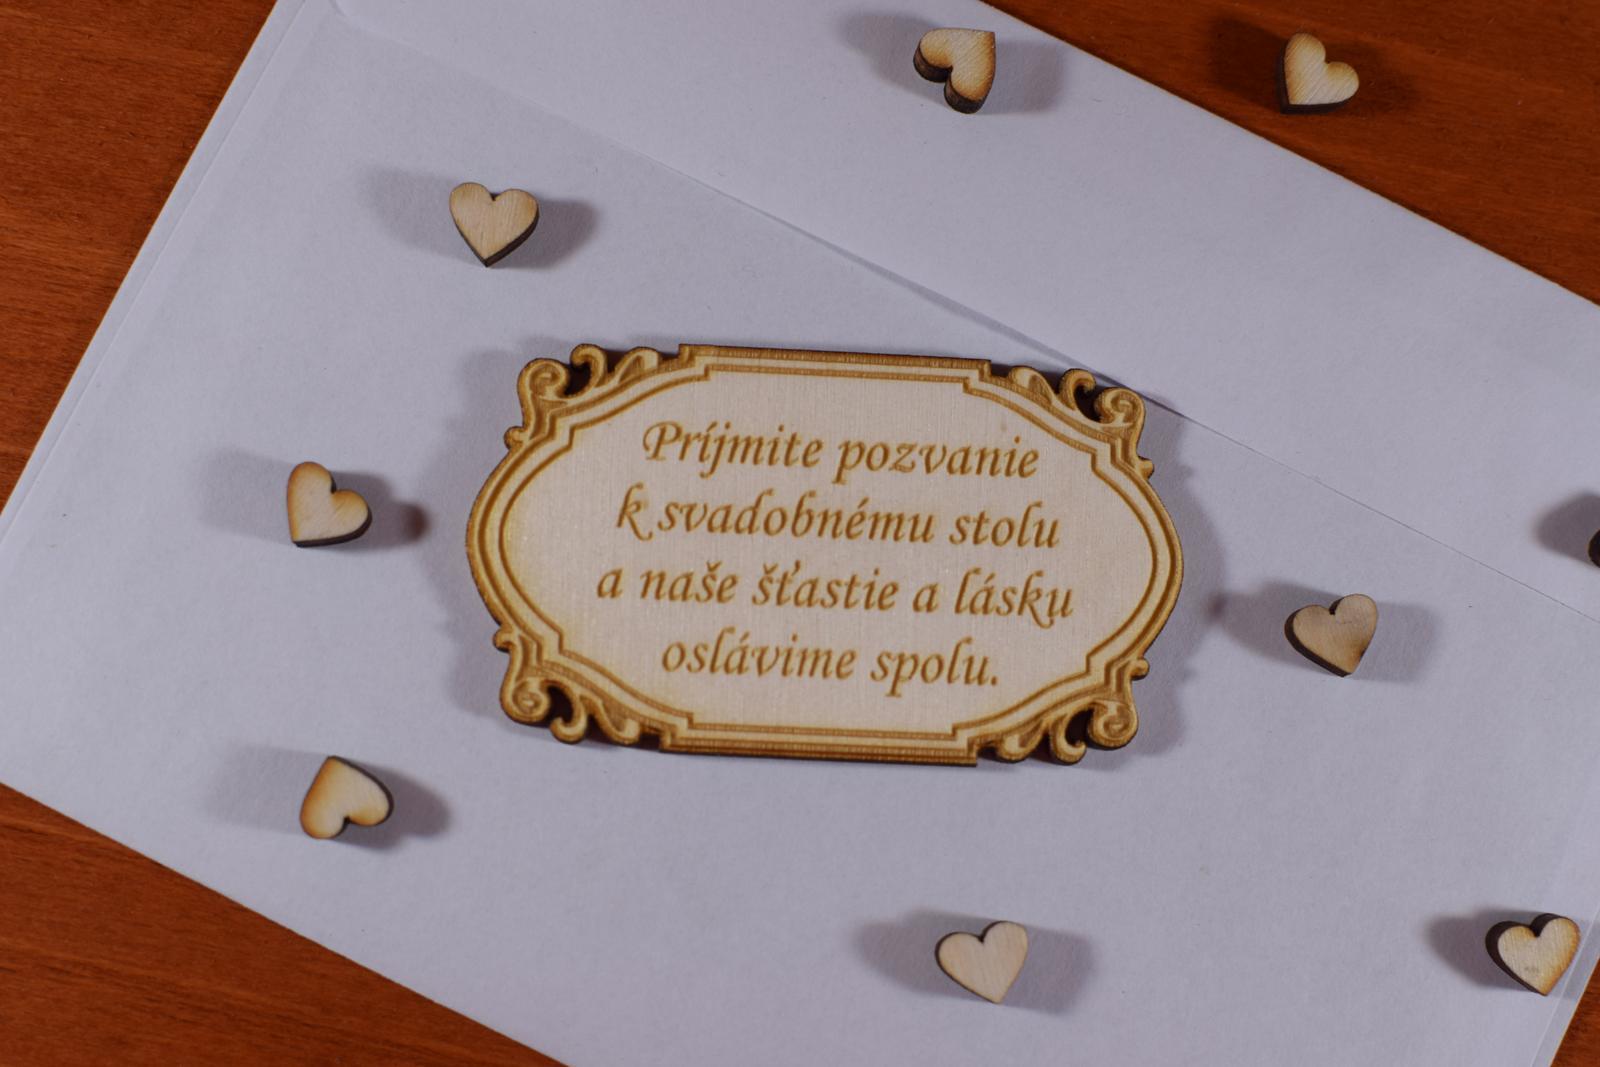 Pozvánka ku svadobnému stolu doplnok k oznámeniu 2 - Obrázok č. 2